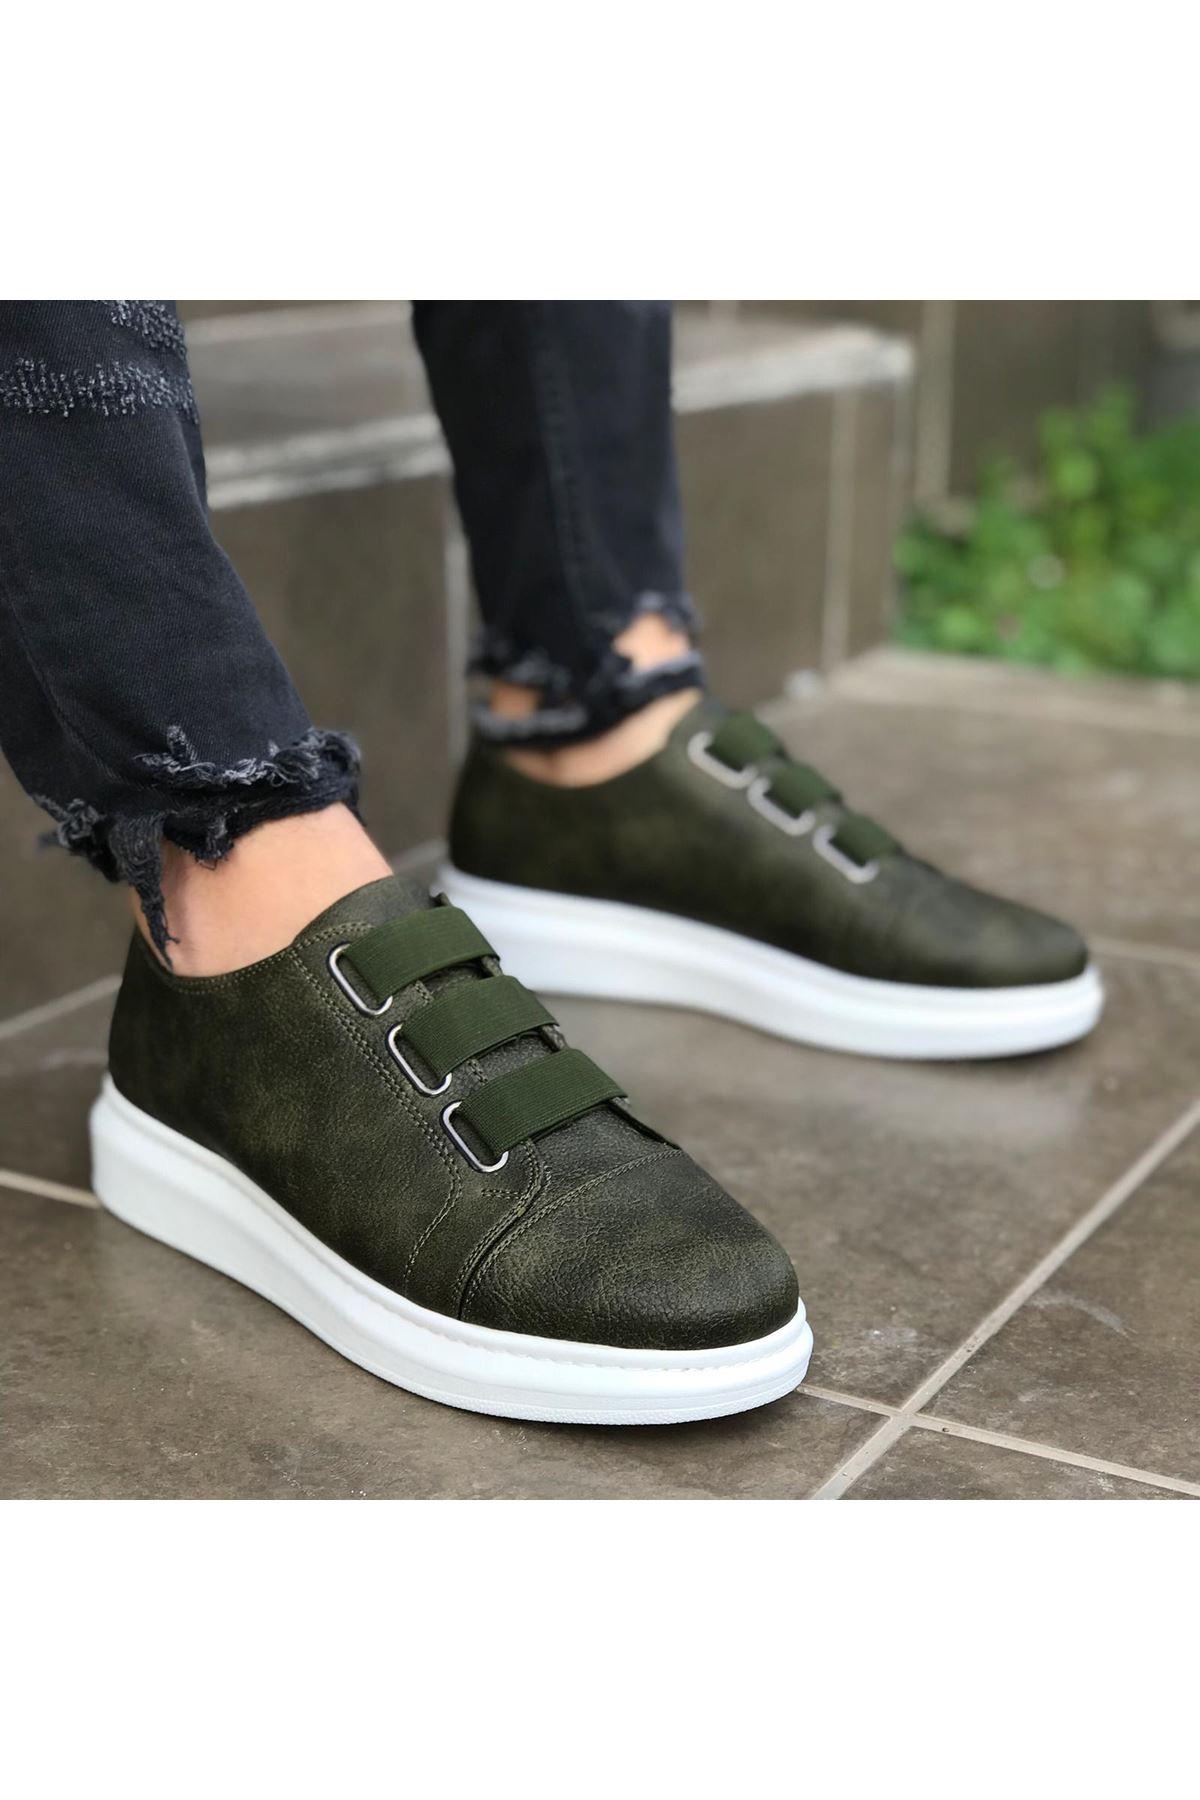 Wagoon WG026 Haki Kalın Taban Casual Erkek Ayakkabı